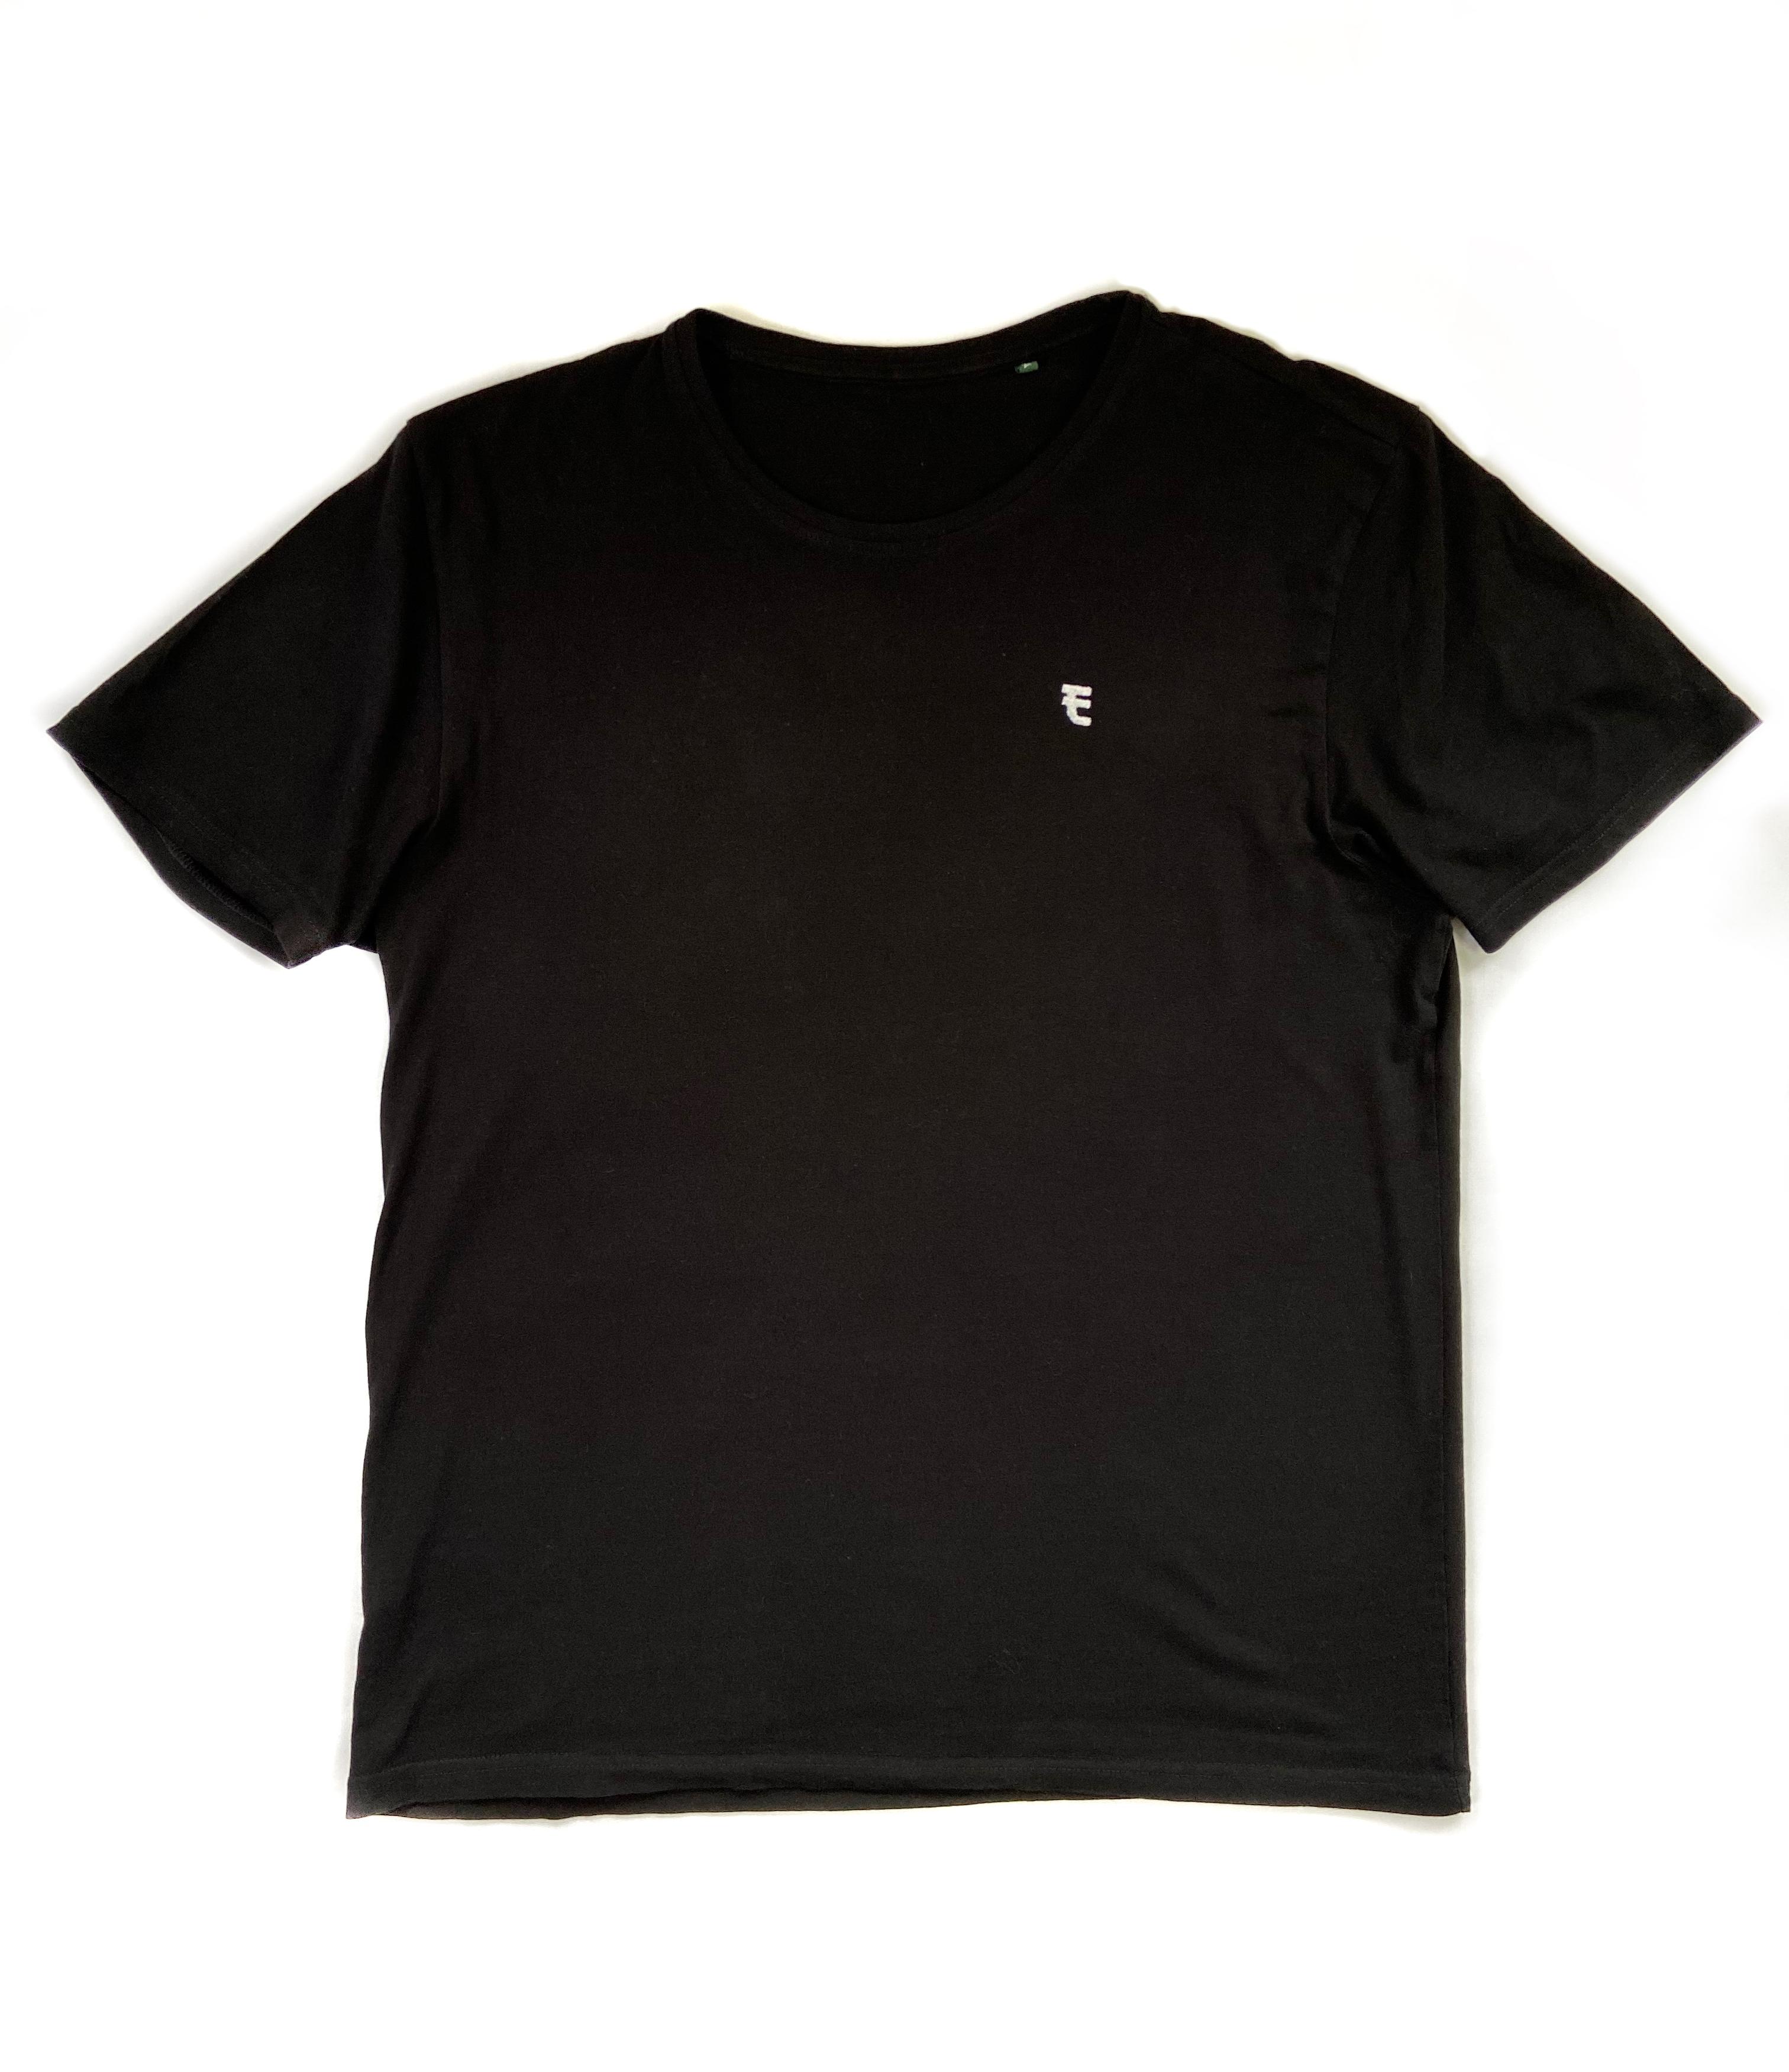 Enso ECO T-Shirt Black